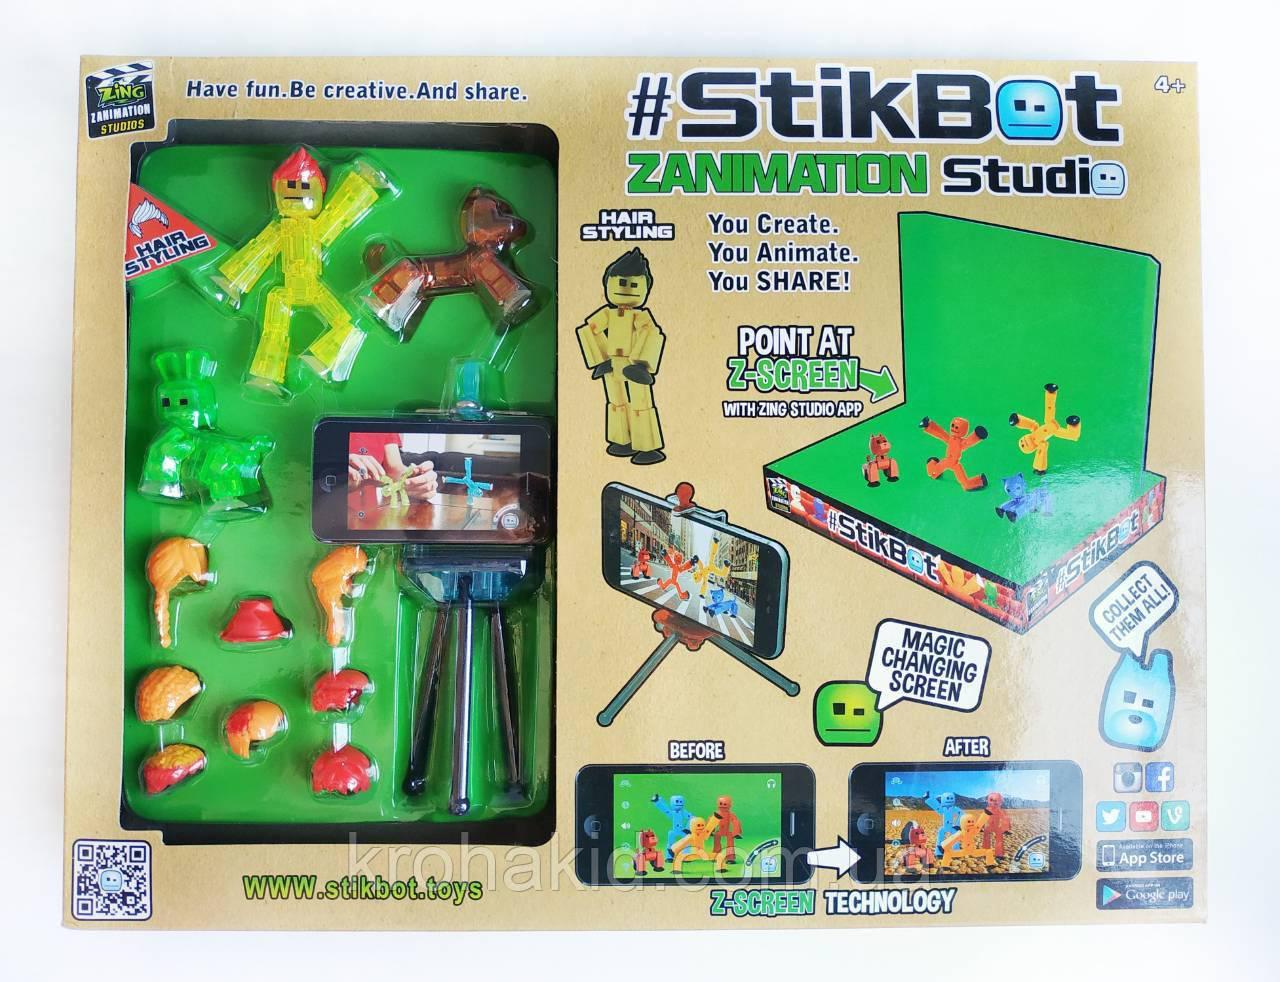 Набор фигурок для анимационного творчества StikBot со сценой и штативом для съёмок